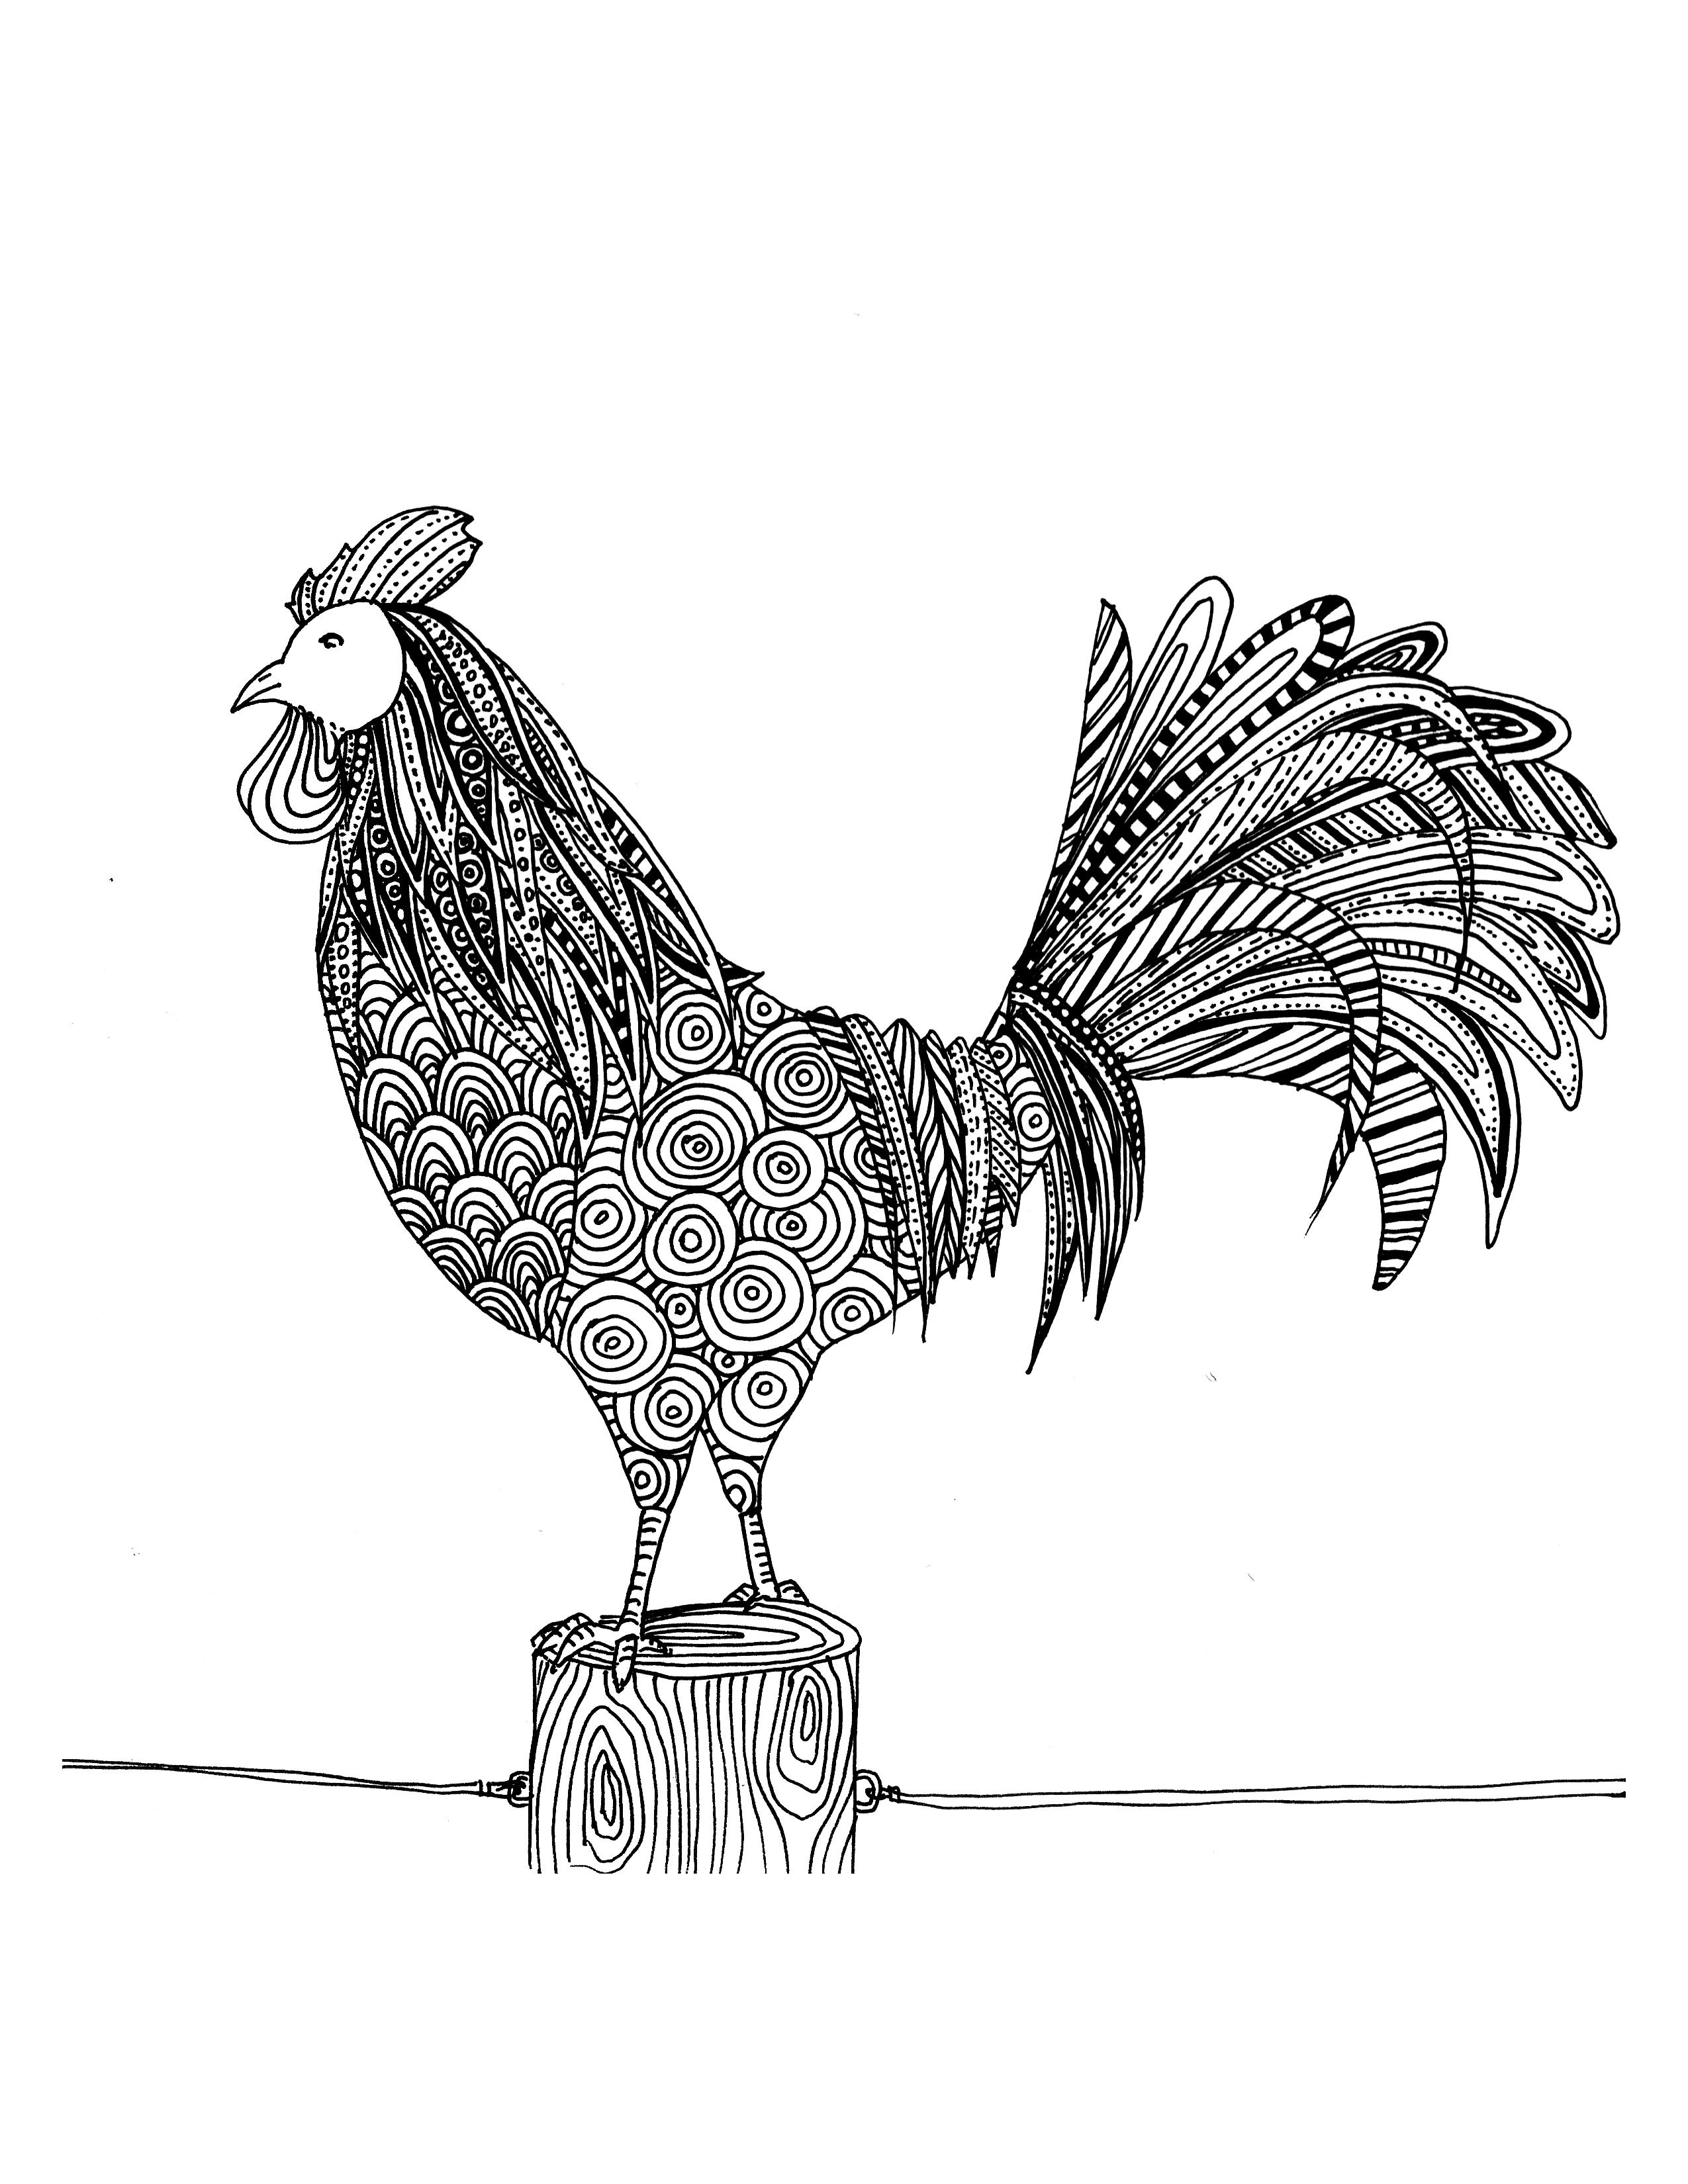 Coloriage de coq  dessiner par Chocobo